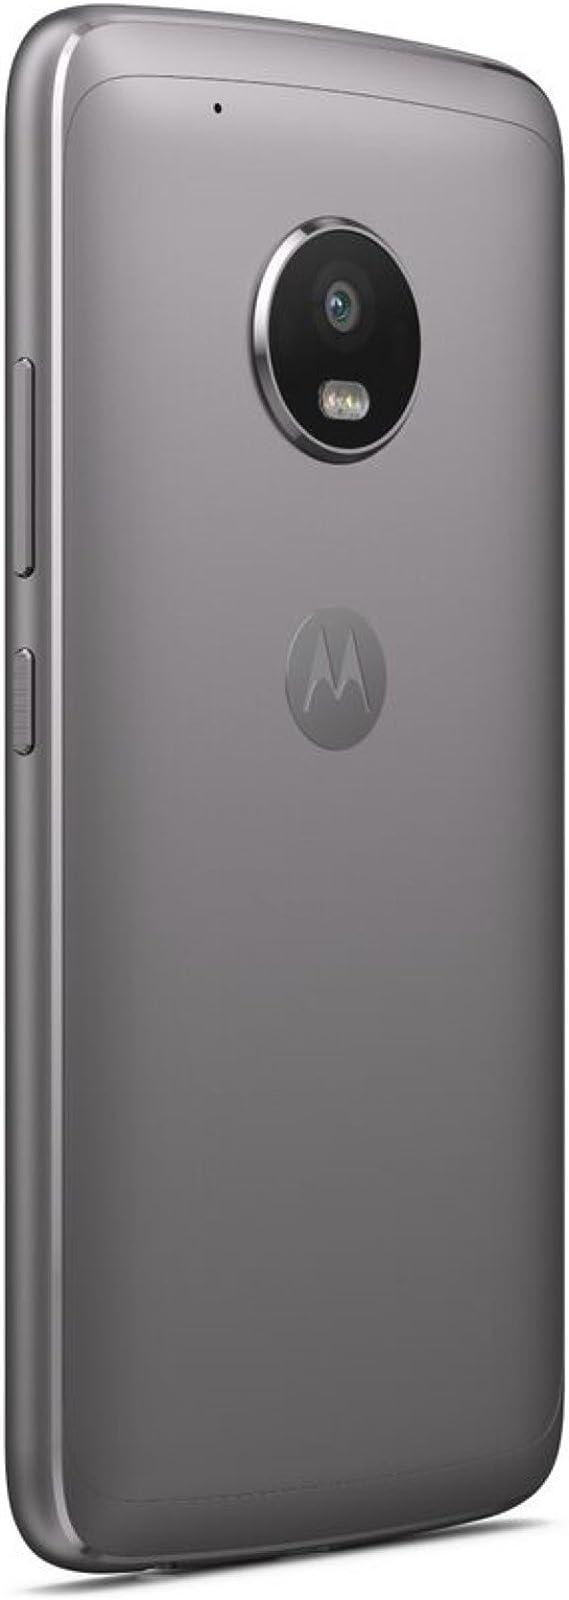 Moto G5 Plus - Smartphone libre Android de 5.2 (SIM única, 4G ...